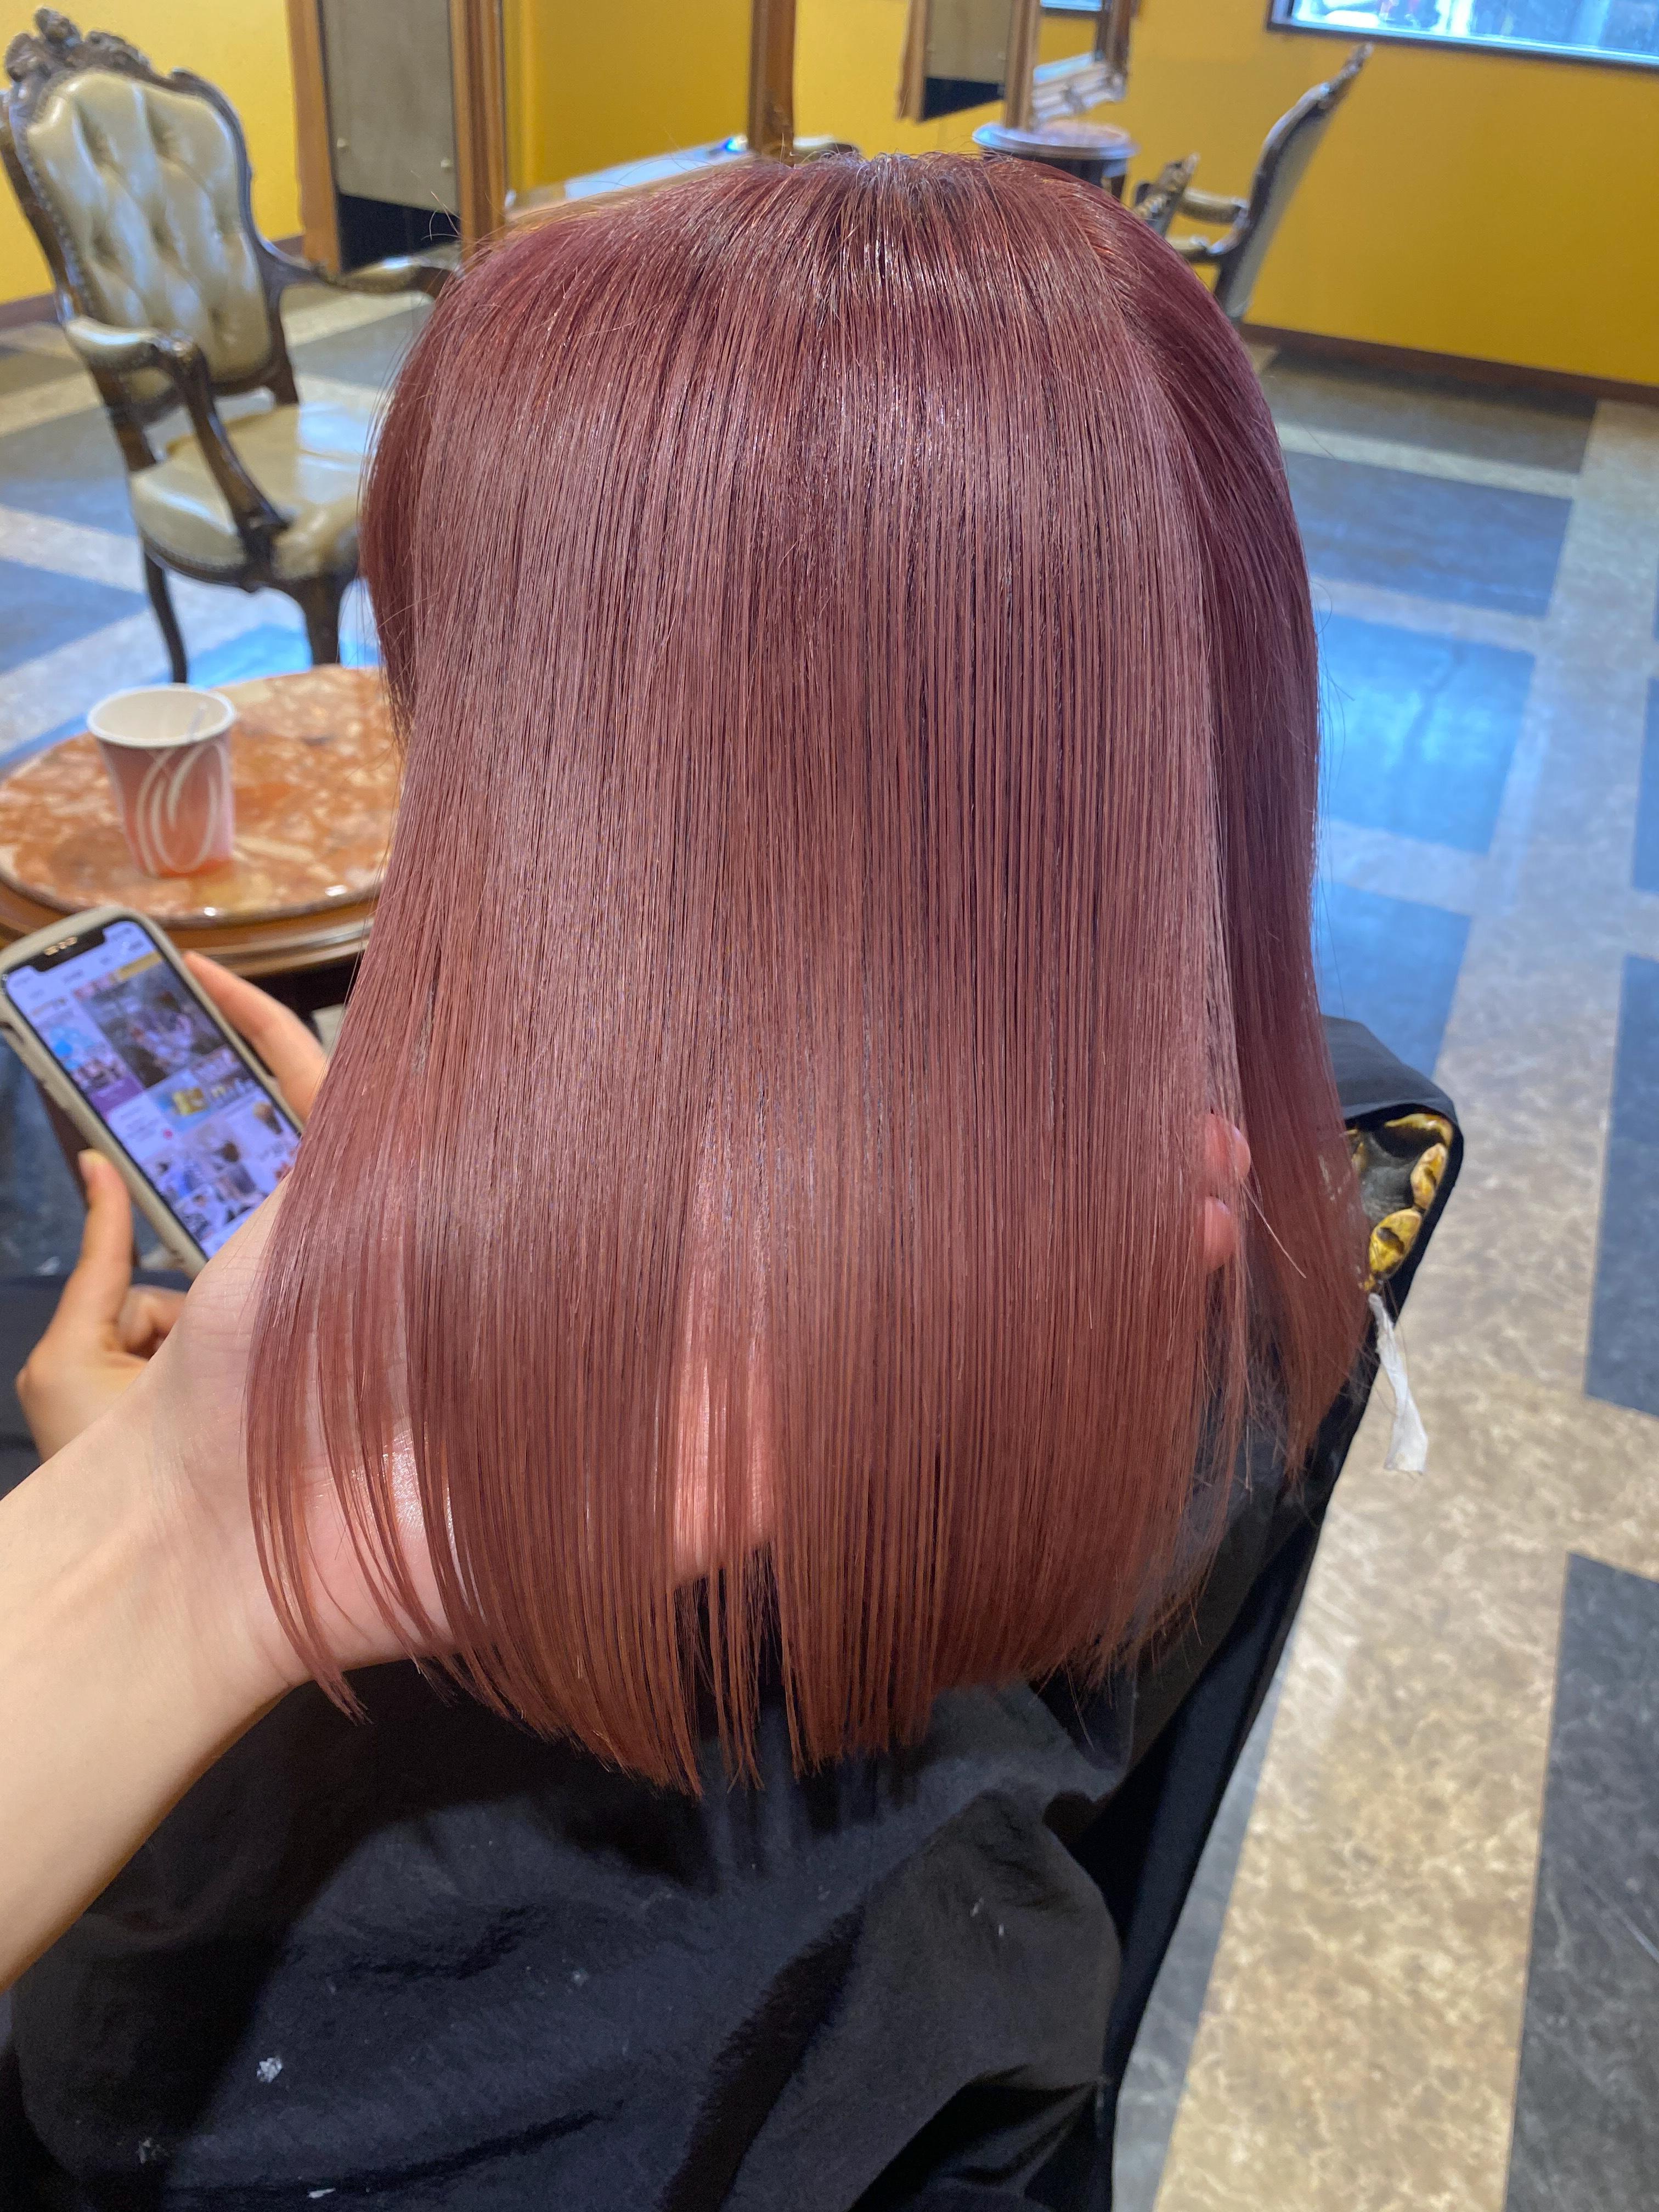 丁寧なカウンセリングで理想をカタチに。ブリーチしている髪でも髪質改善で美髪を叶える♪